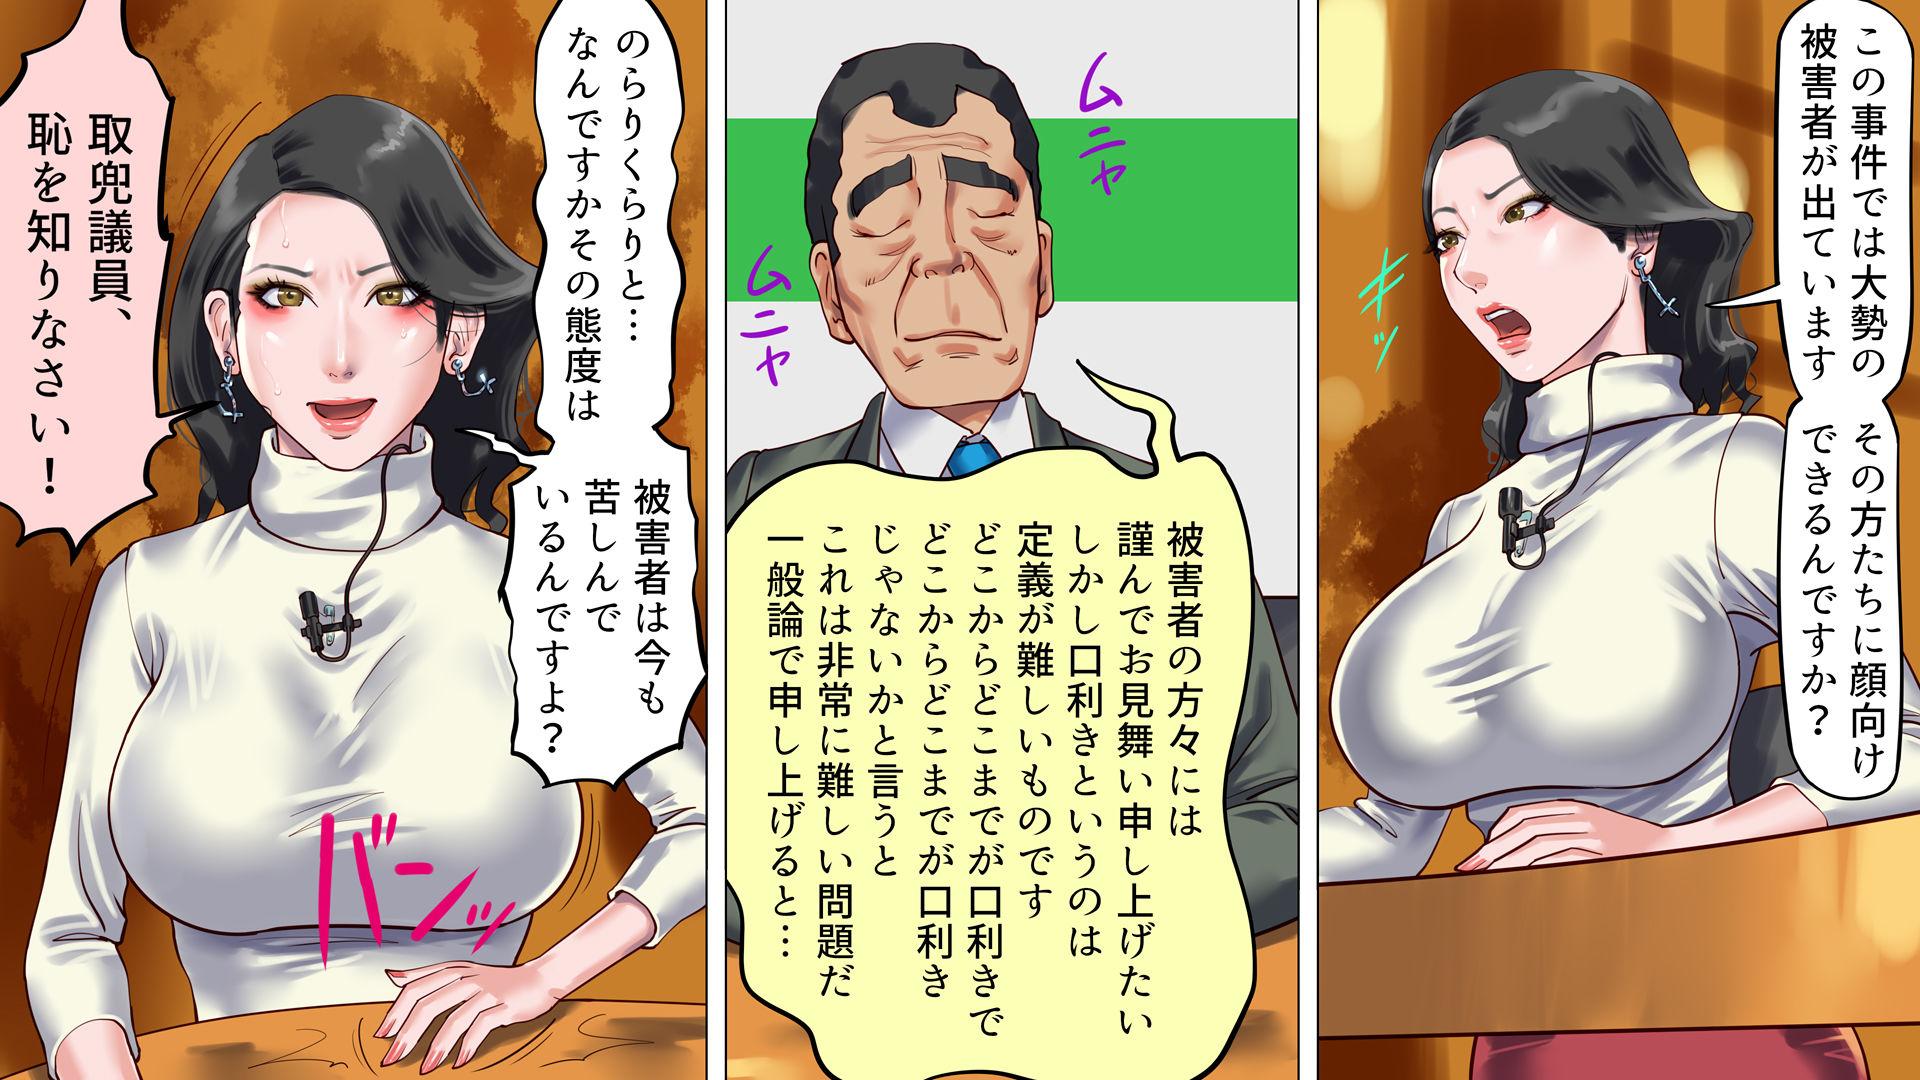 堕とされた美人キャスター・慶子 第一部 恥辱の奴●勤務編2